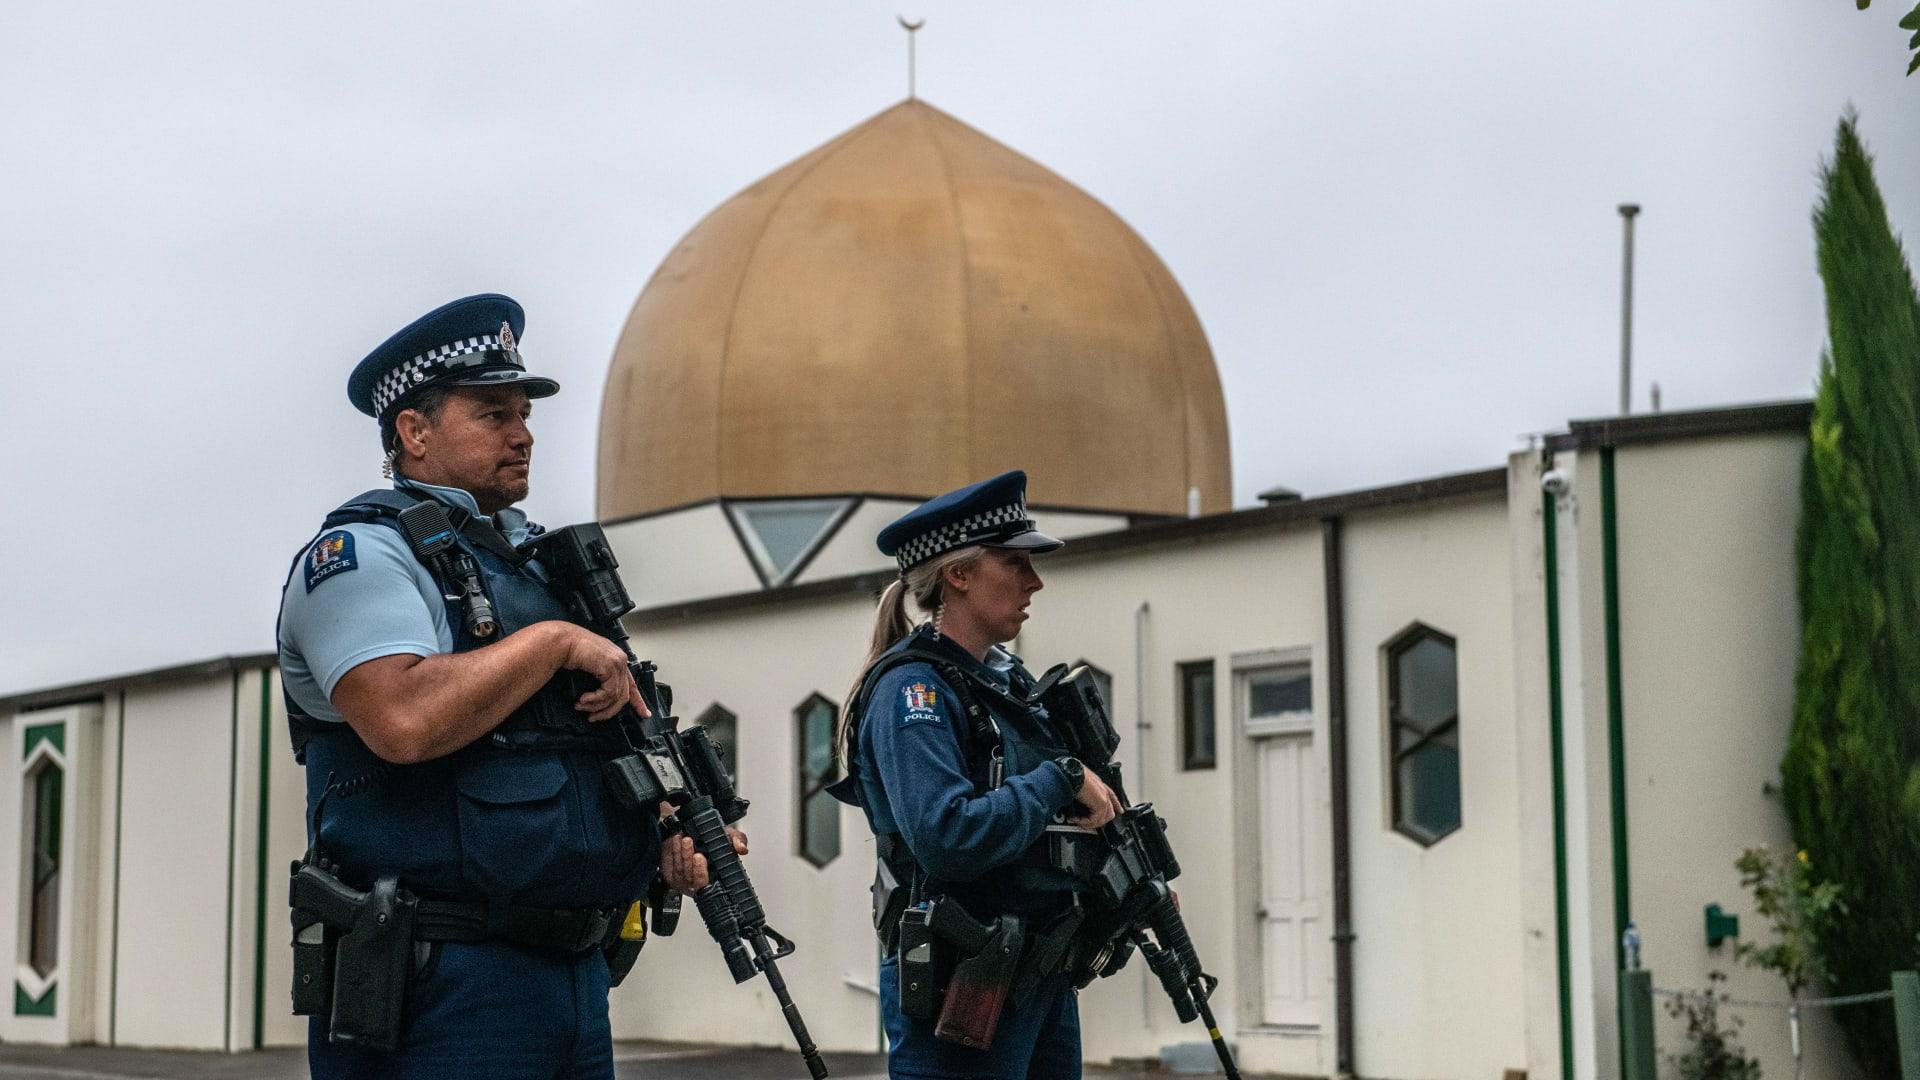 خلال مراسم التشييع.. رئيسة وزراء نيوزلندا تستشهد بحديث نبوي